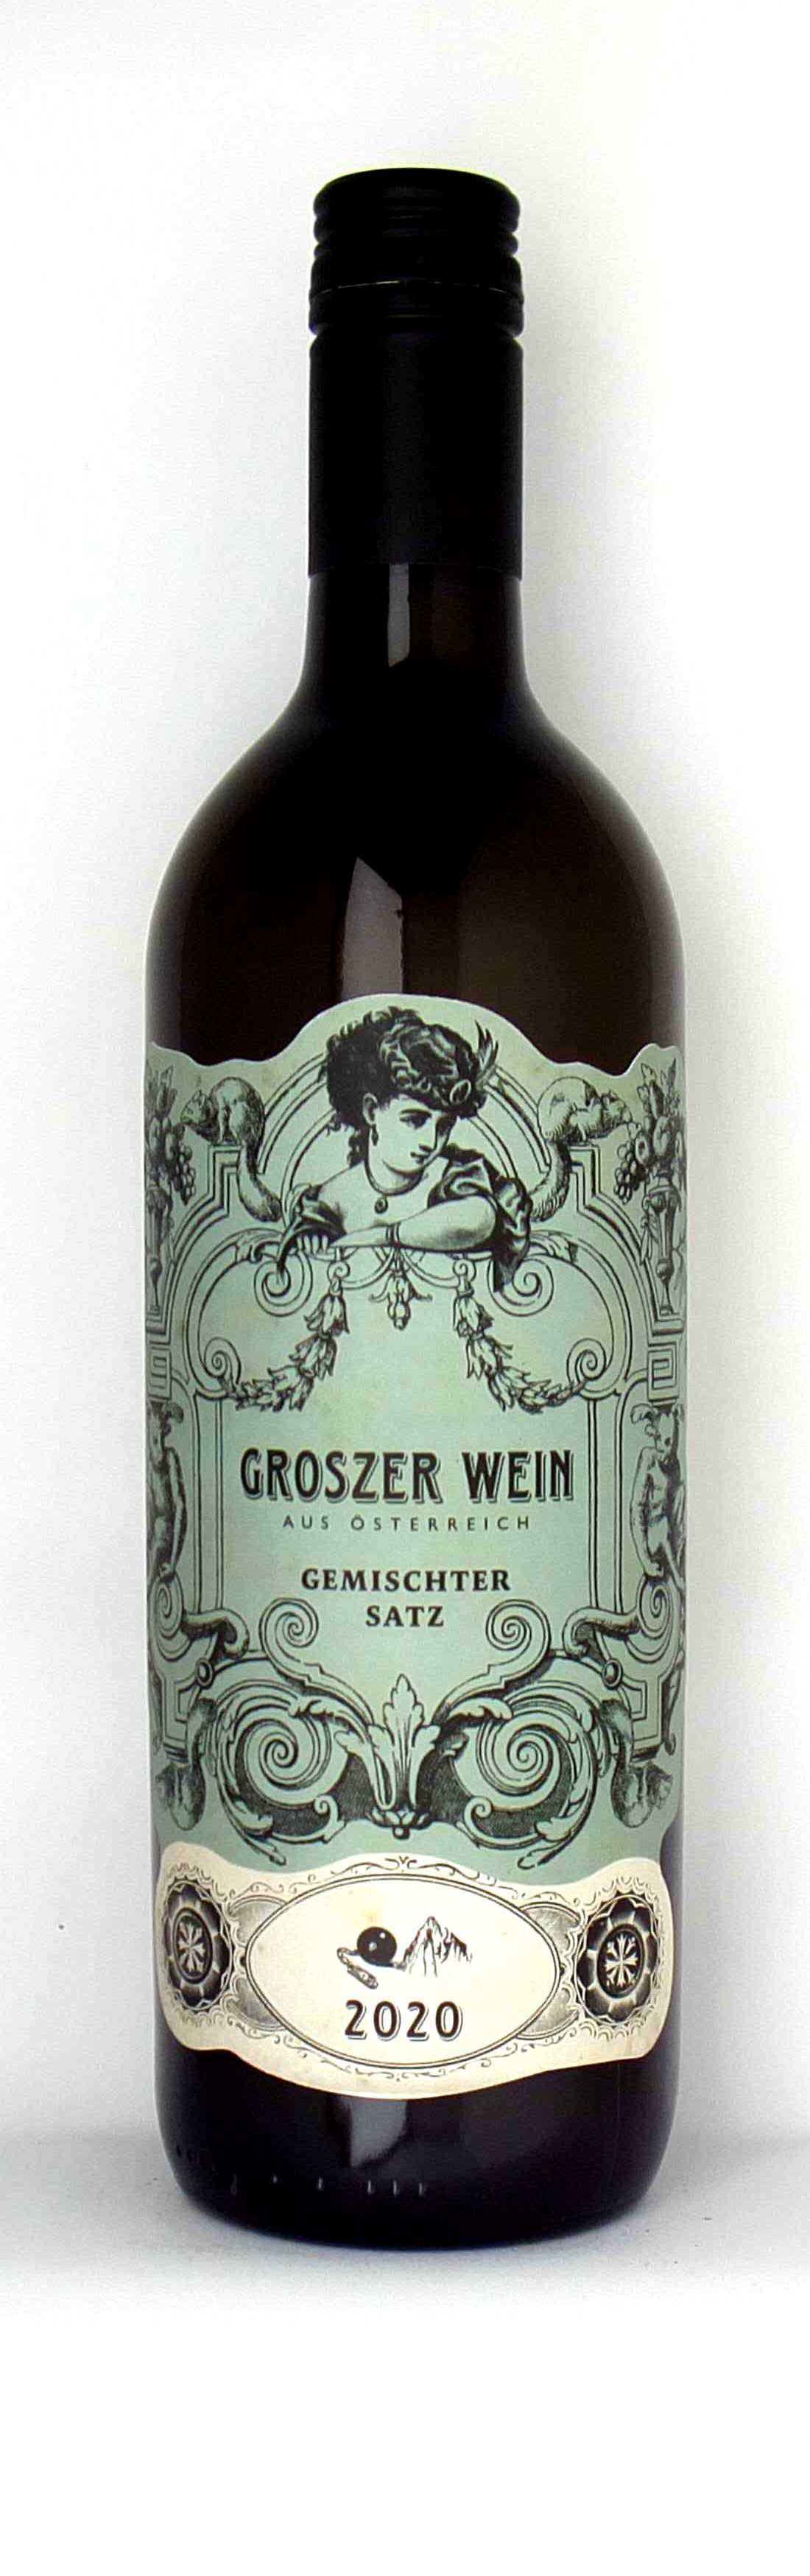 Vinothek Eisenberg Gemischter Satz 2020 Groszer Wein